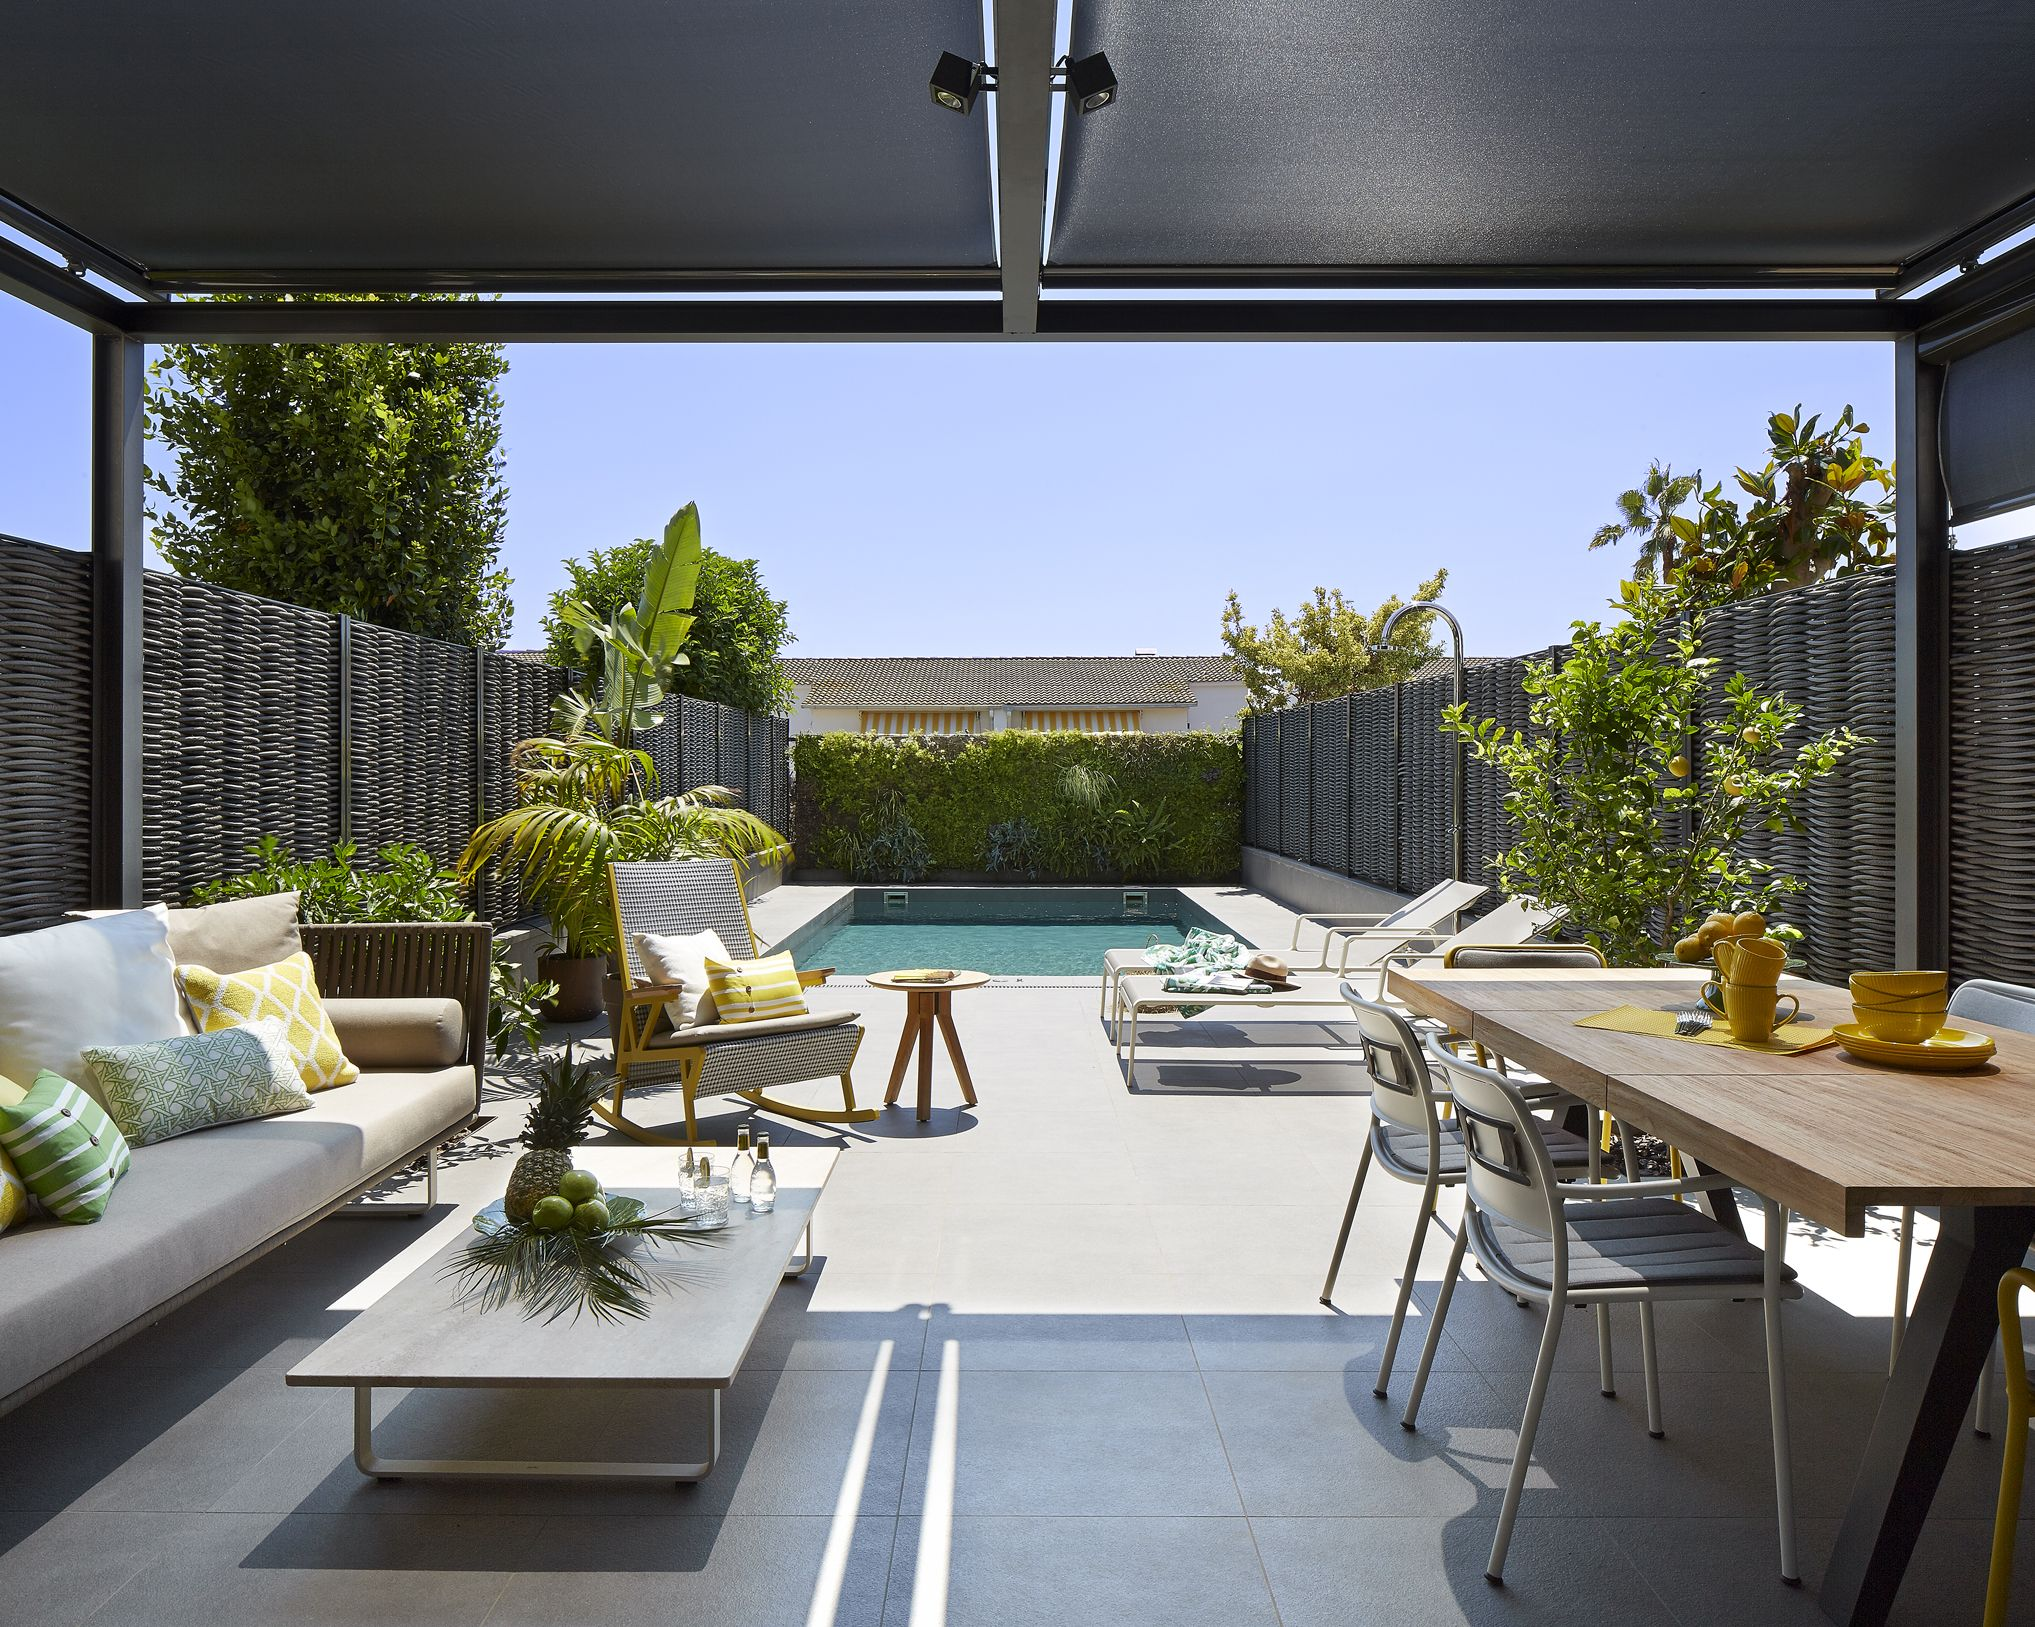 molins interiors // arquitectura interior - interiorismo